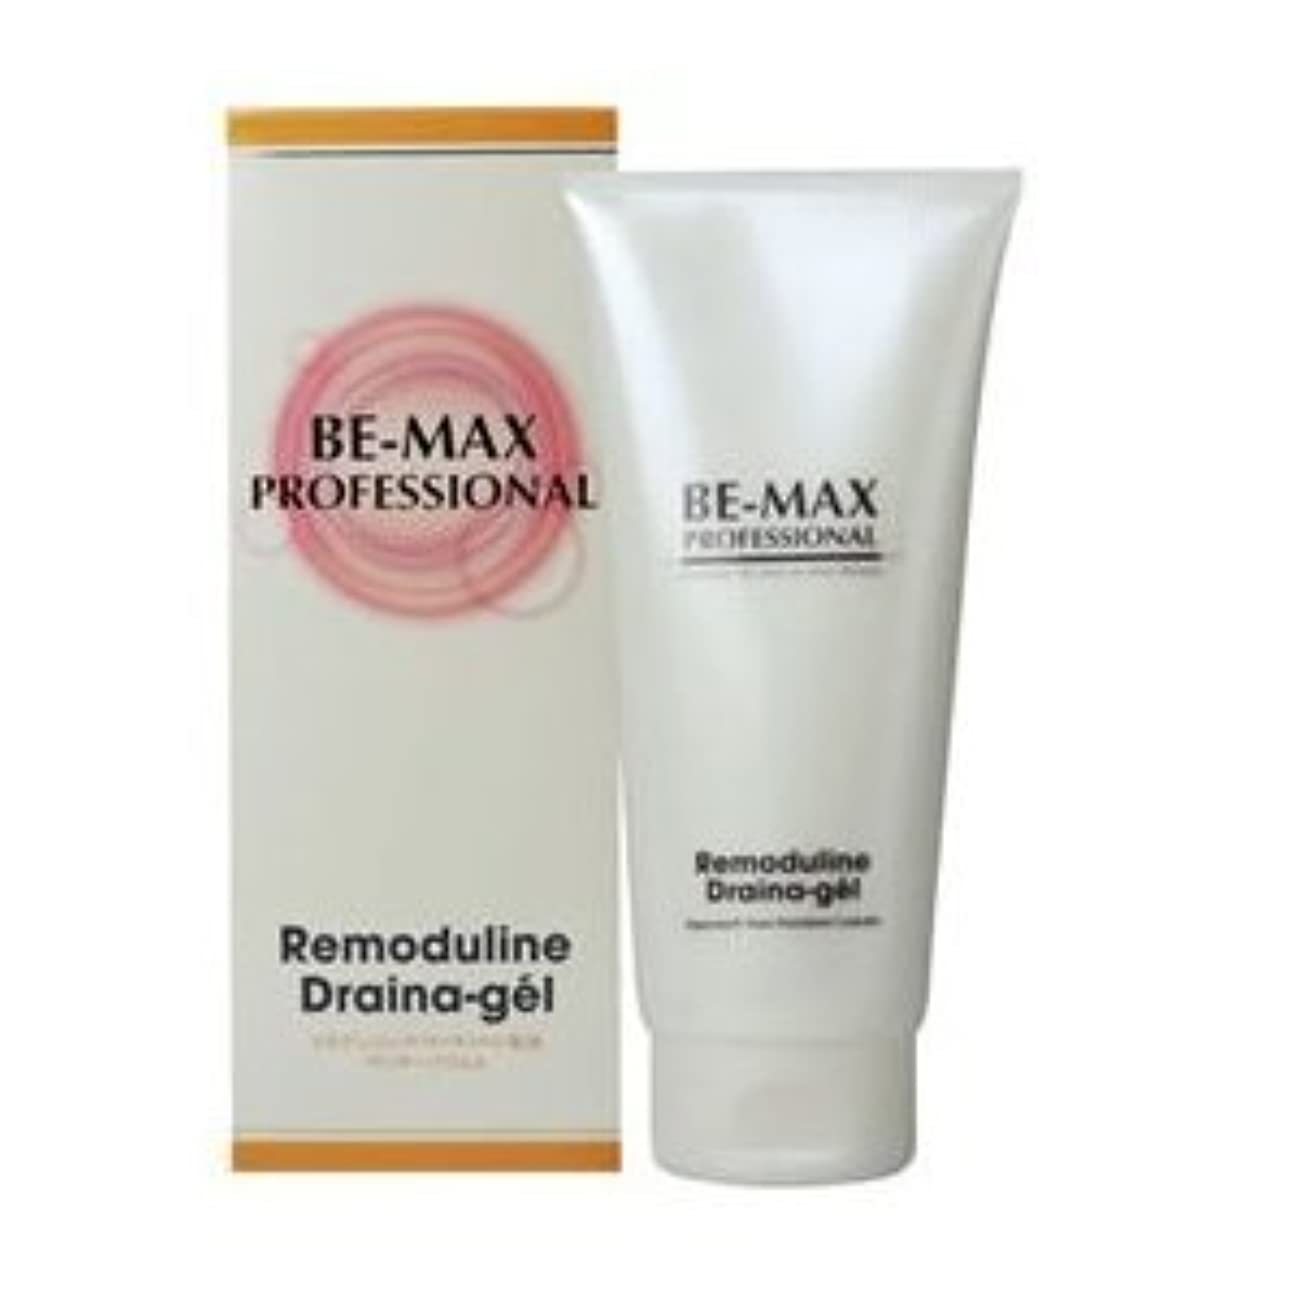 犯罪フレキシブル見捨てられたBE-MAX PROFESSIONAL Remoduline Draina-gel リモデュリンドレナージェル 200G